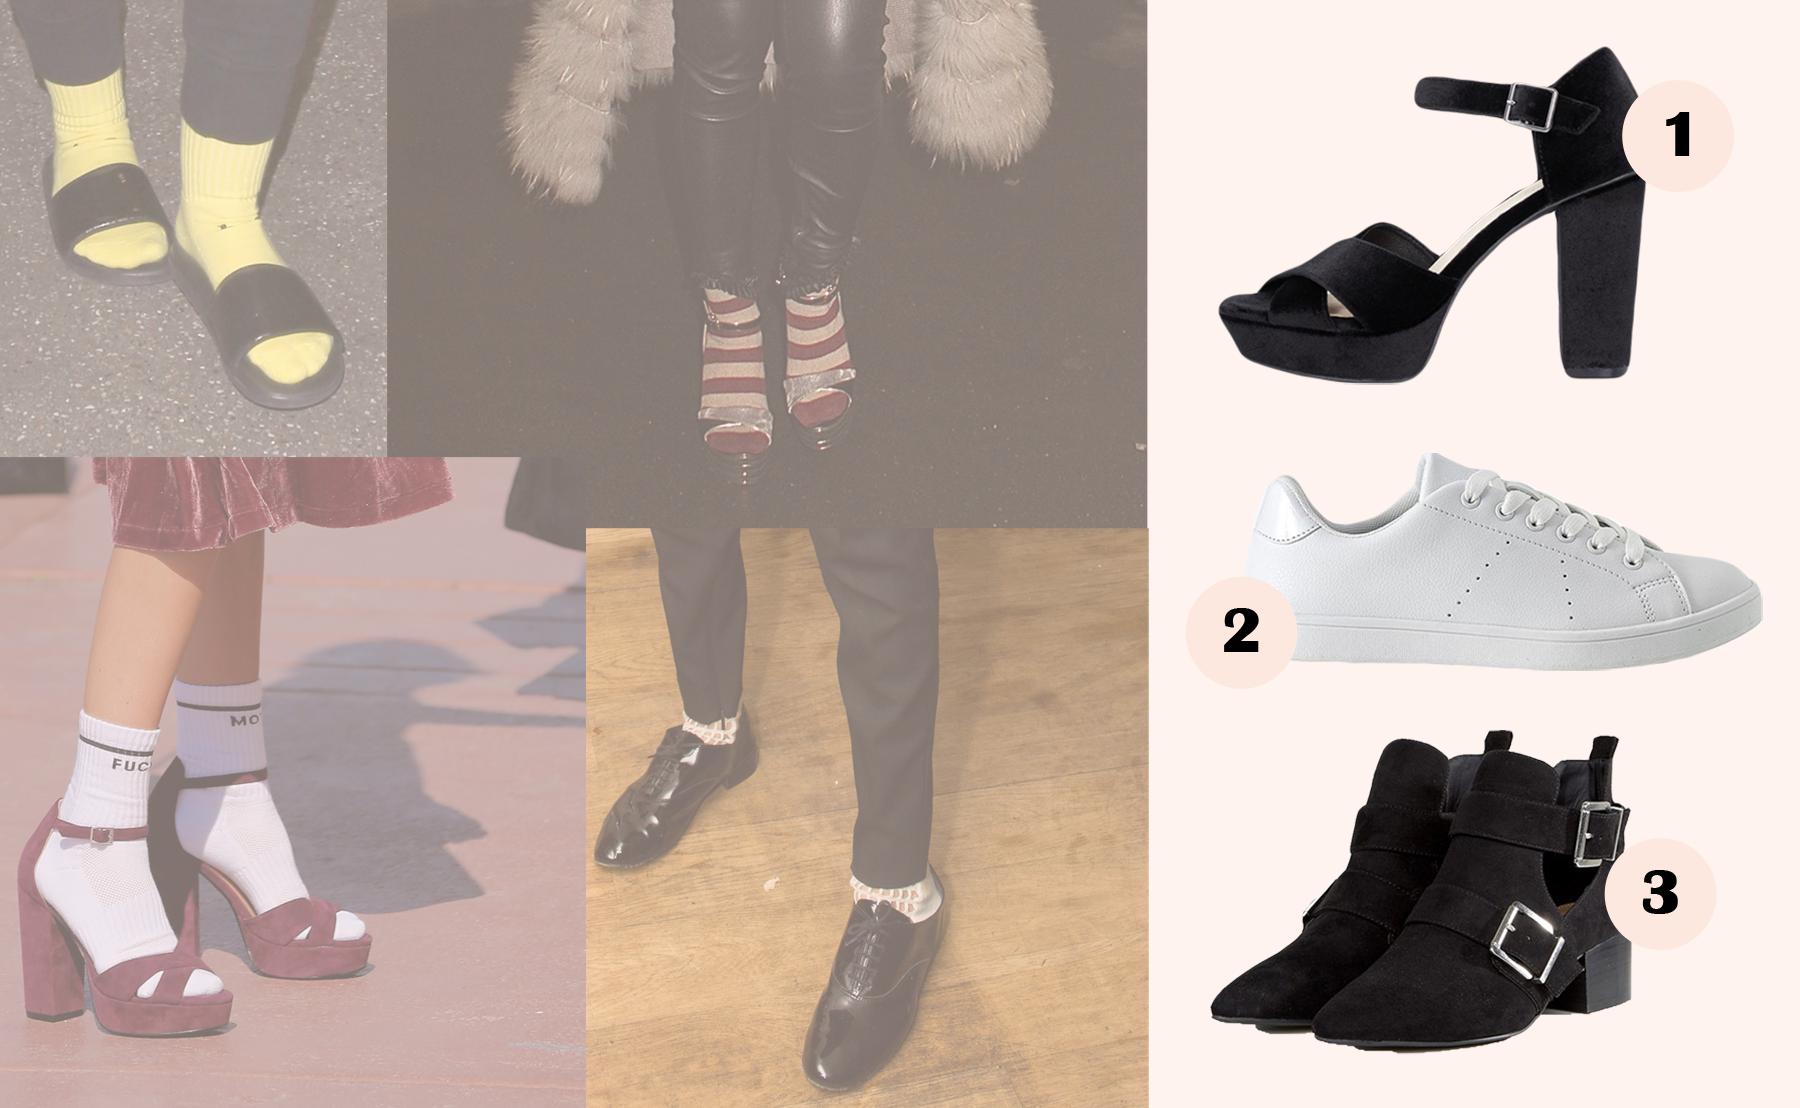 sko, højehæle, sneaks, sneakers, støvler, sokker